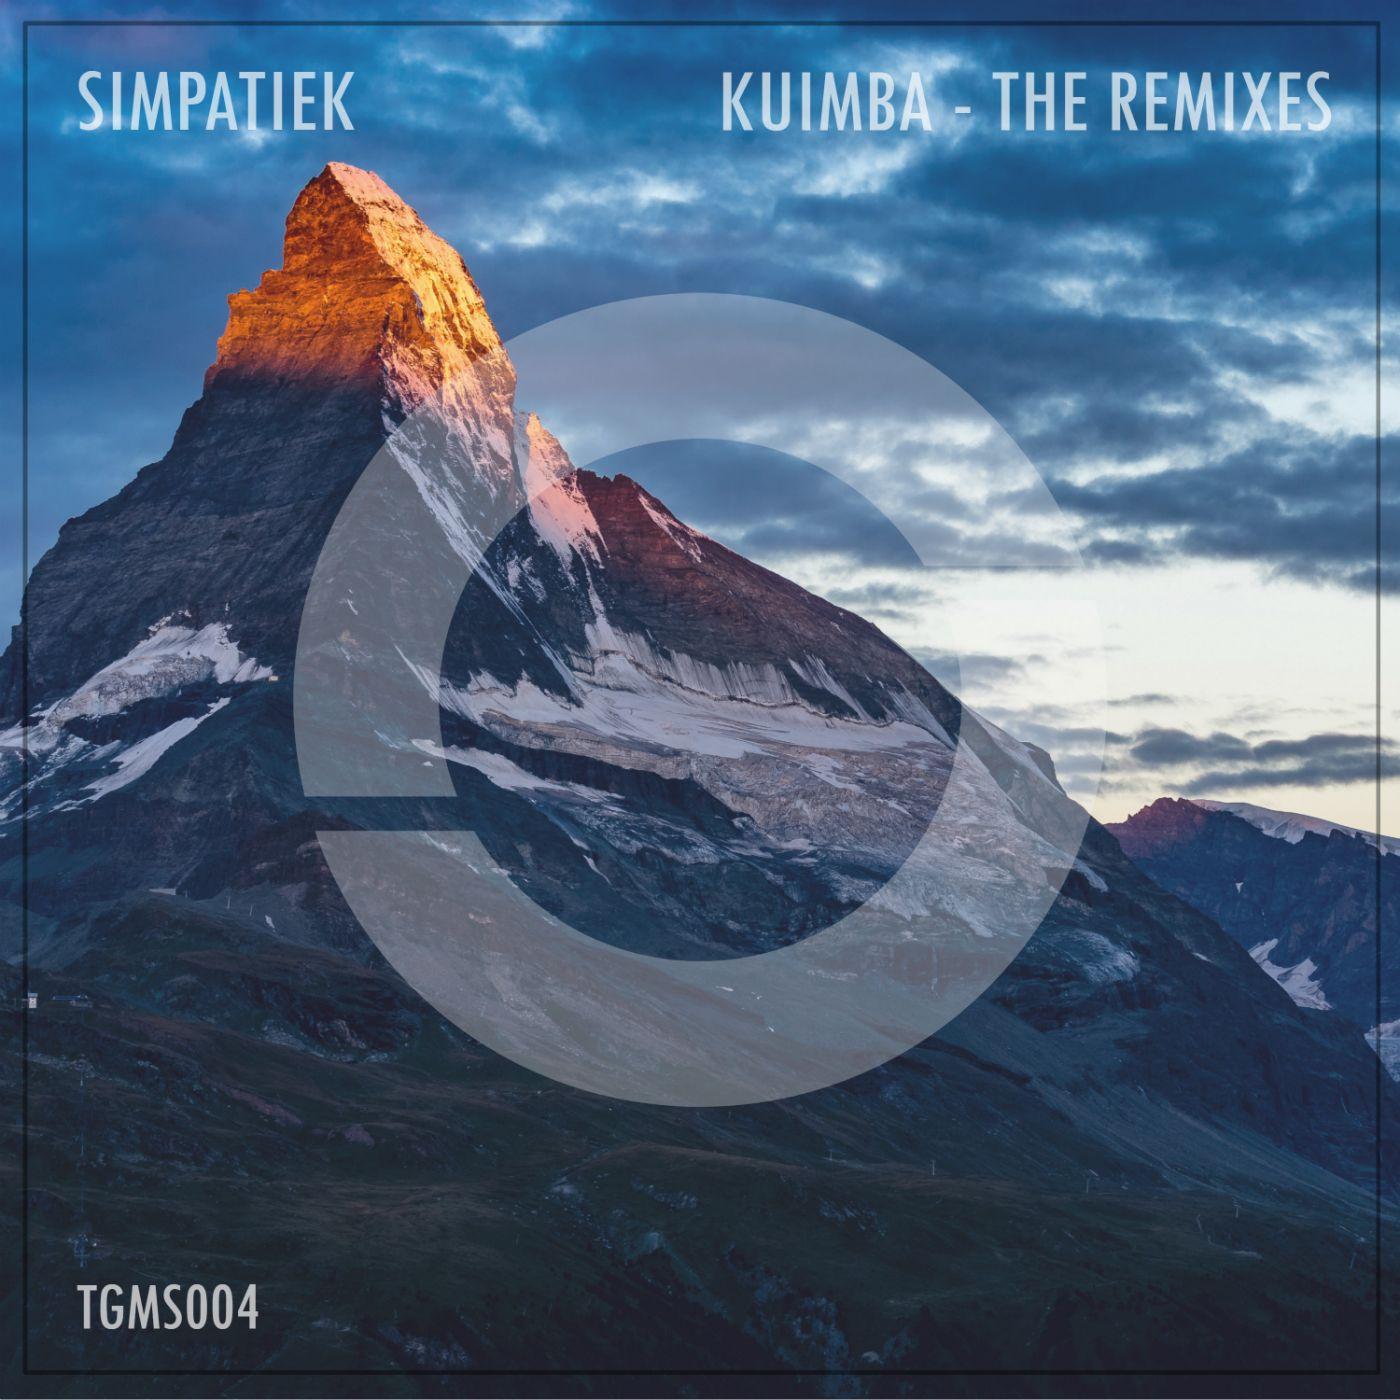 Simpatiek - Kuimba (The Remixes)